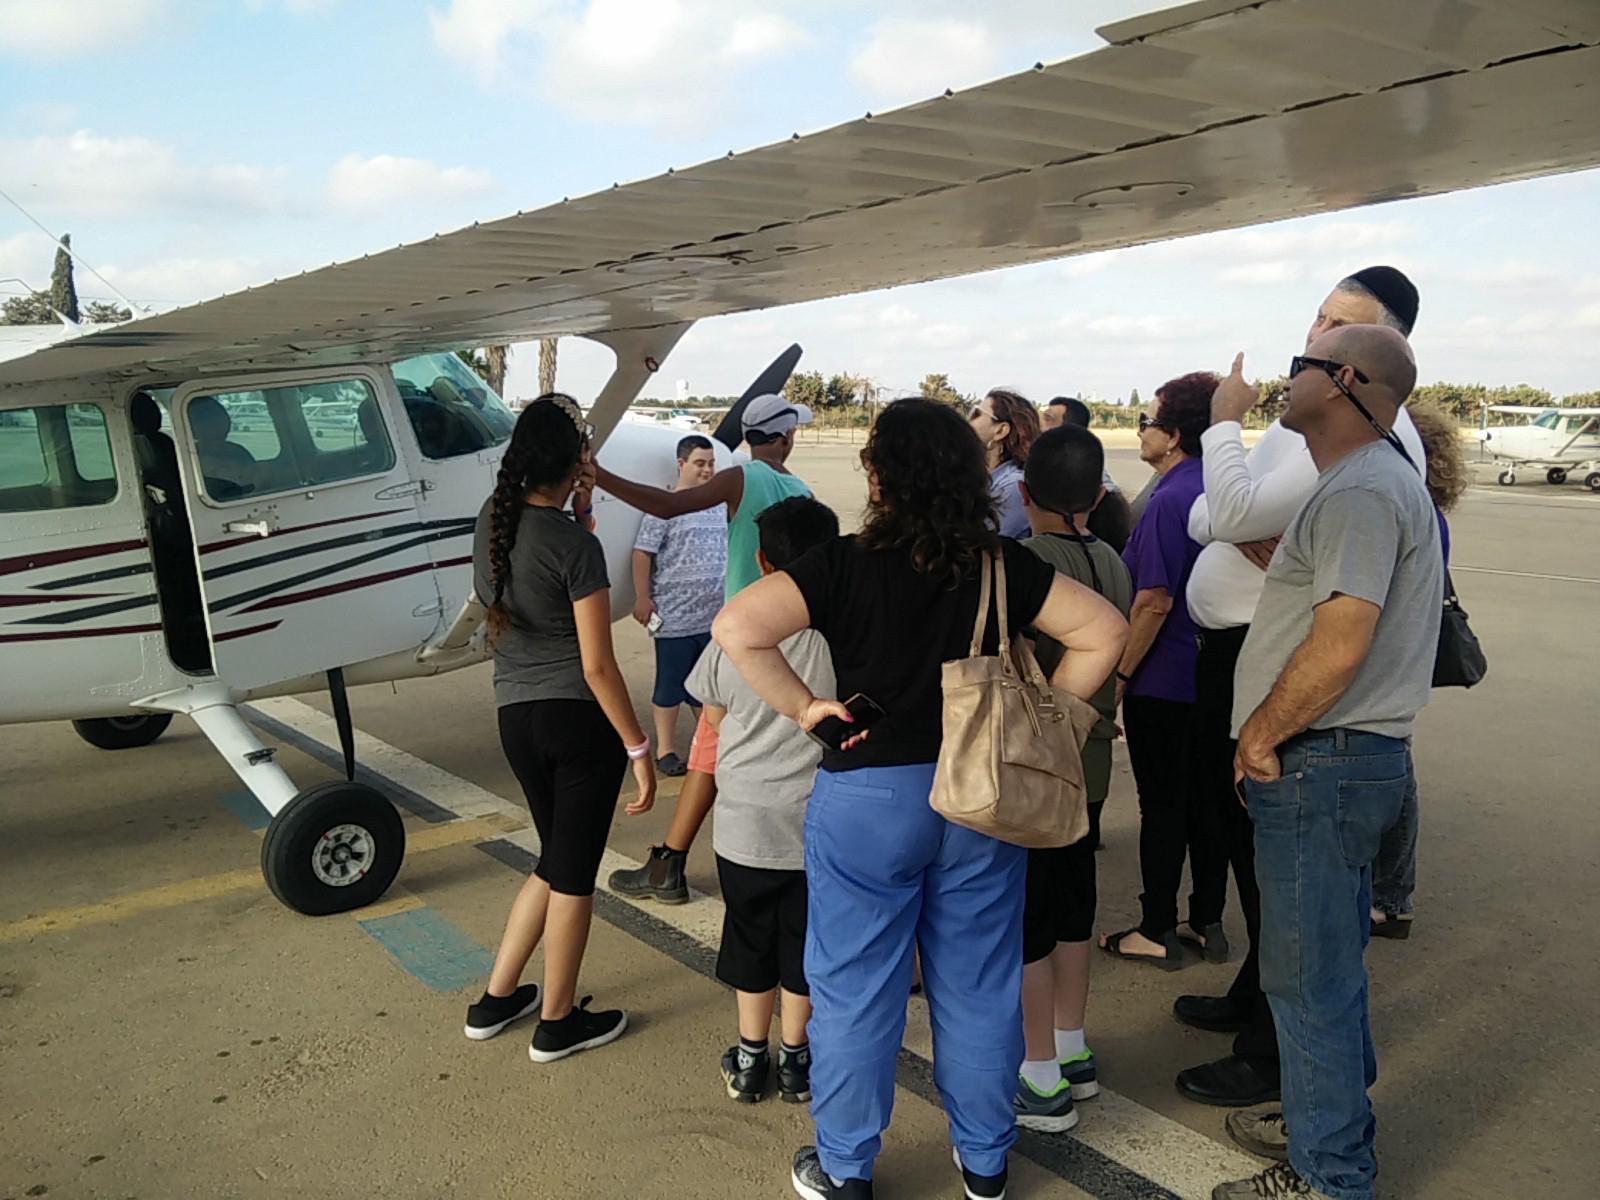 התלמידים וההורים בשדה התעופה. צילום זאב מור